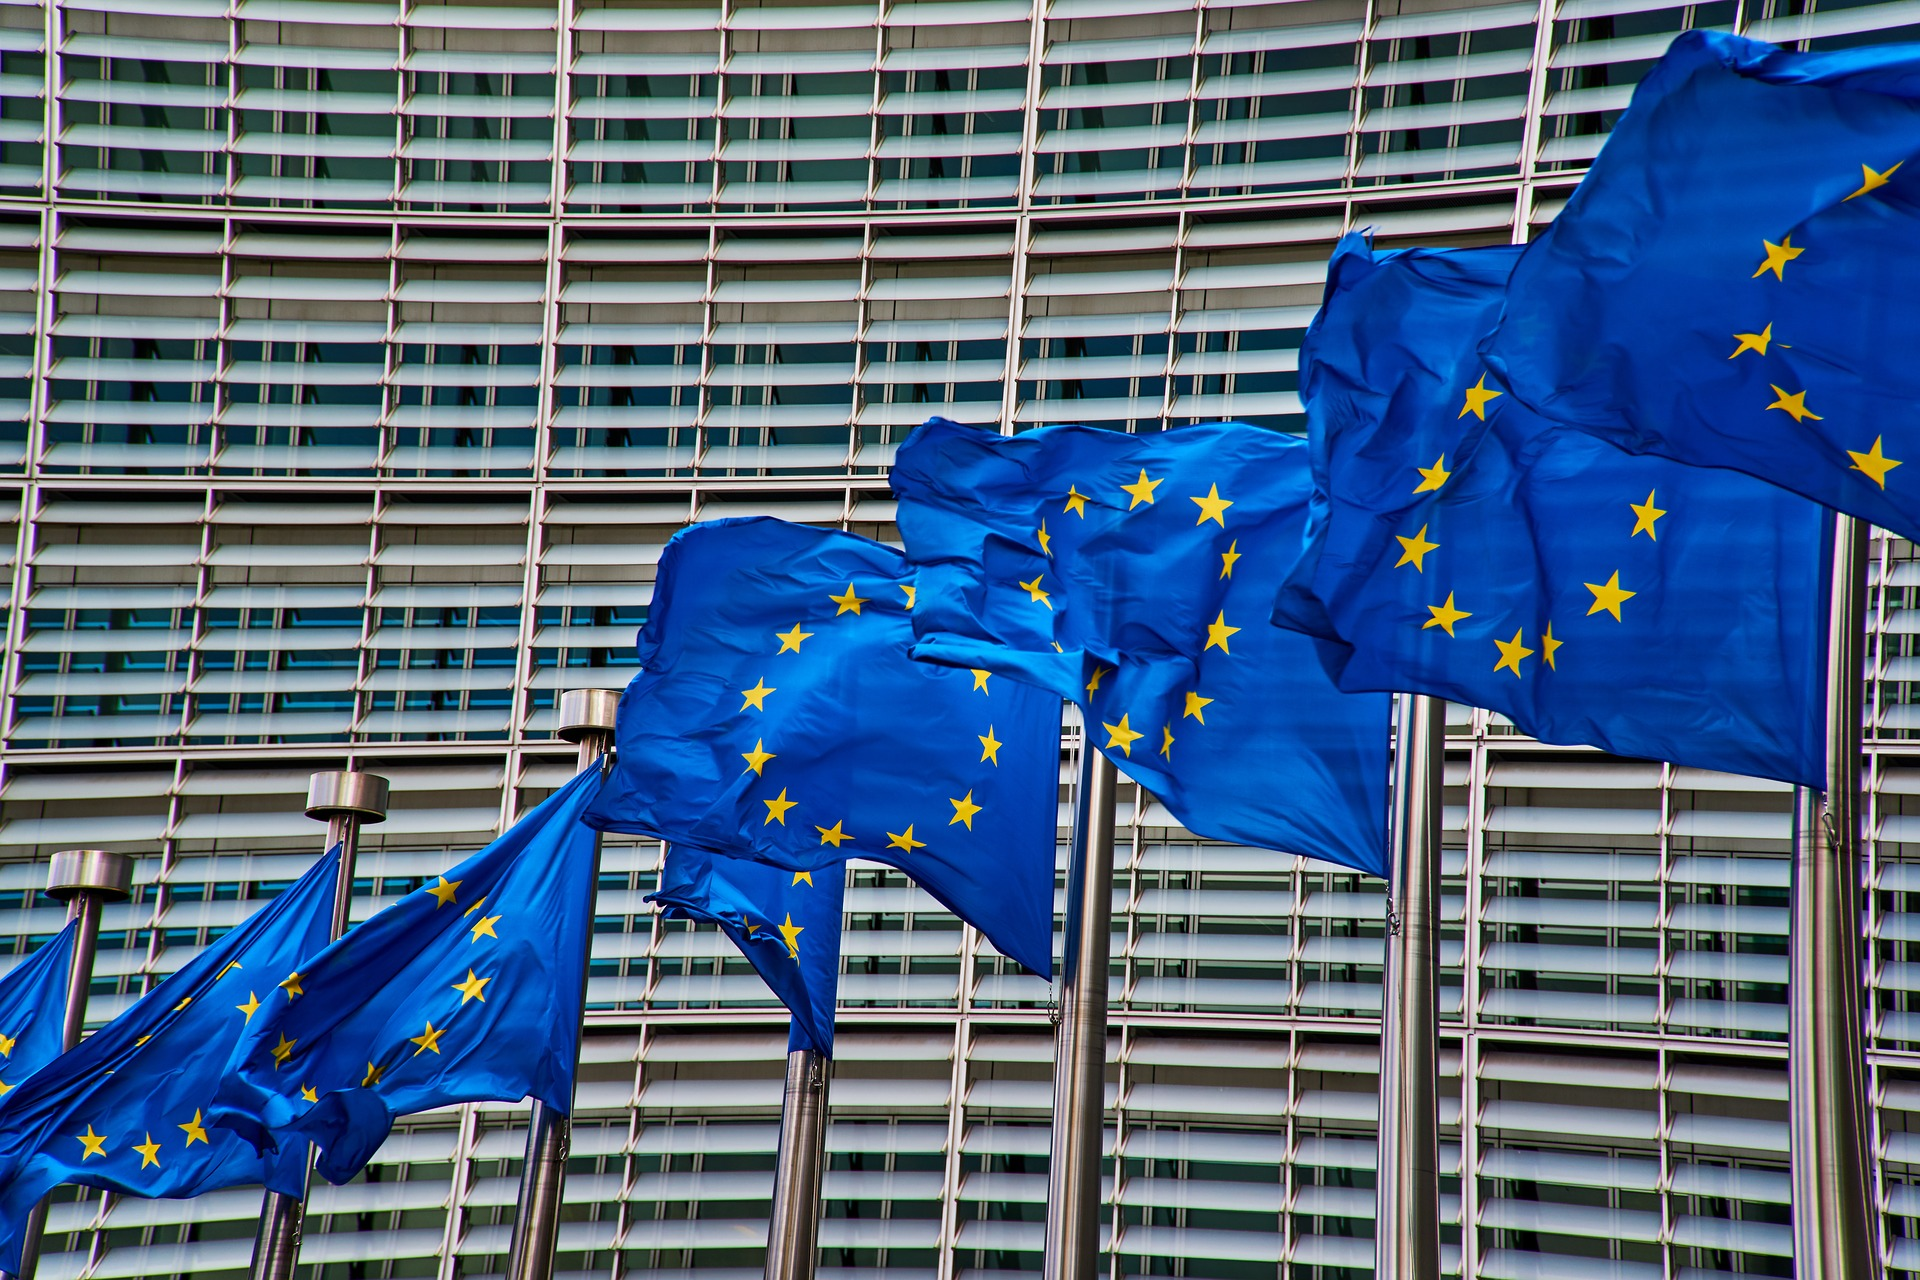 SEMINARIO SULL'APPLICAZIONE DELLA CARTA DEI DIRITTI FONDAMENTALI DELL'UNIONE EUROPEA